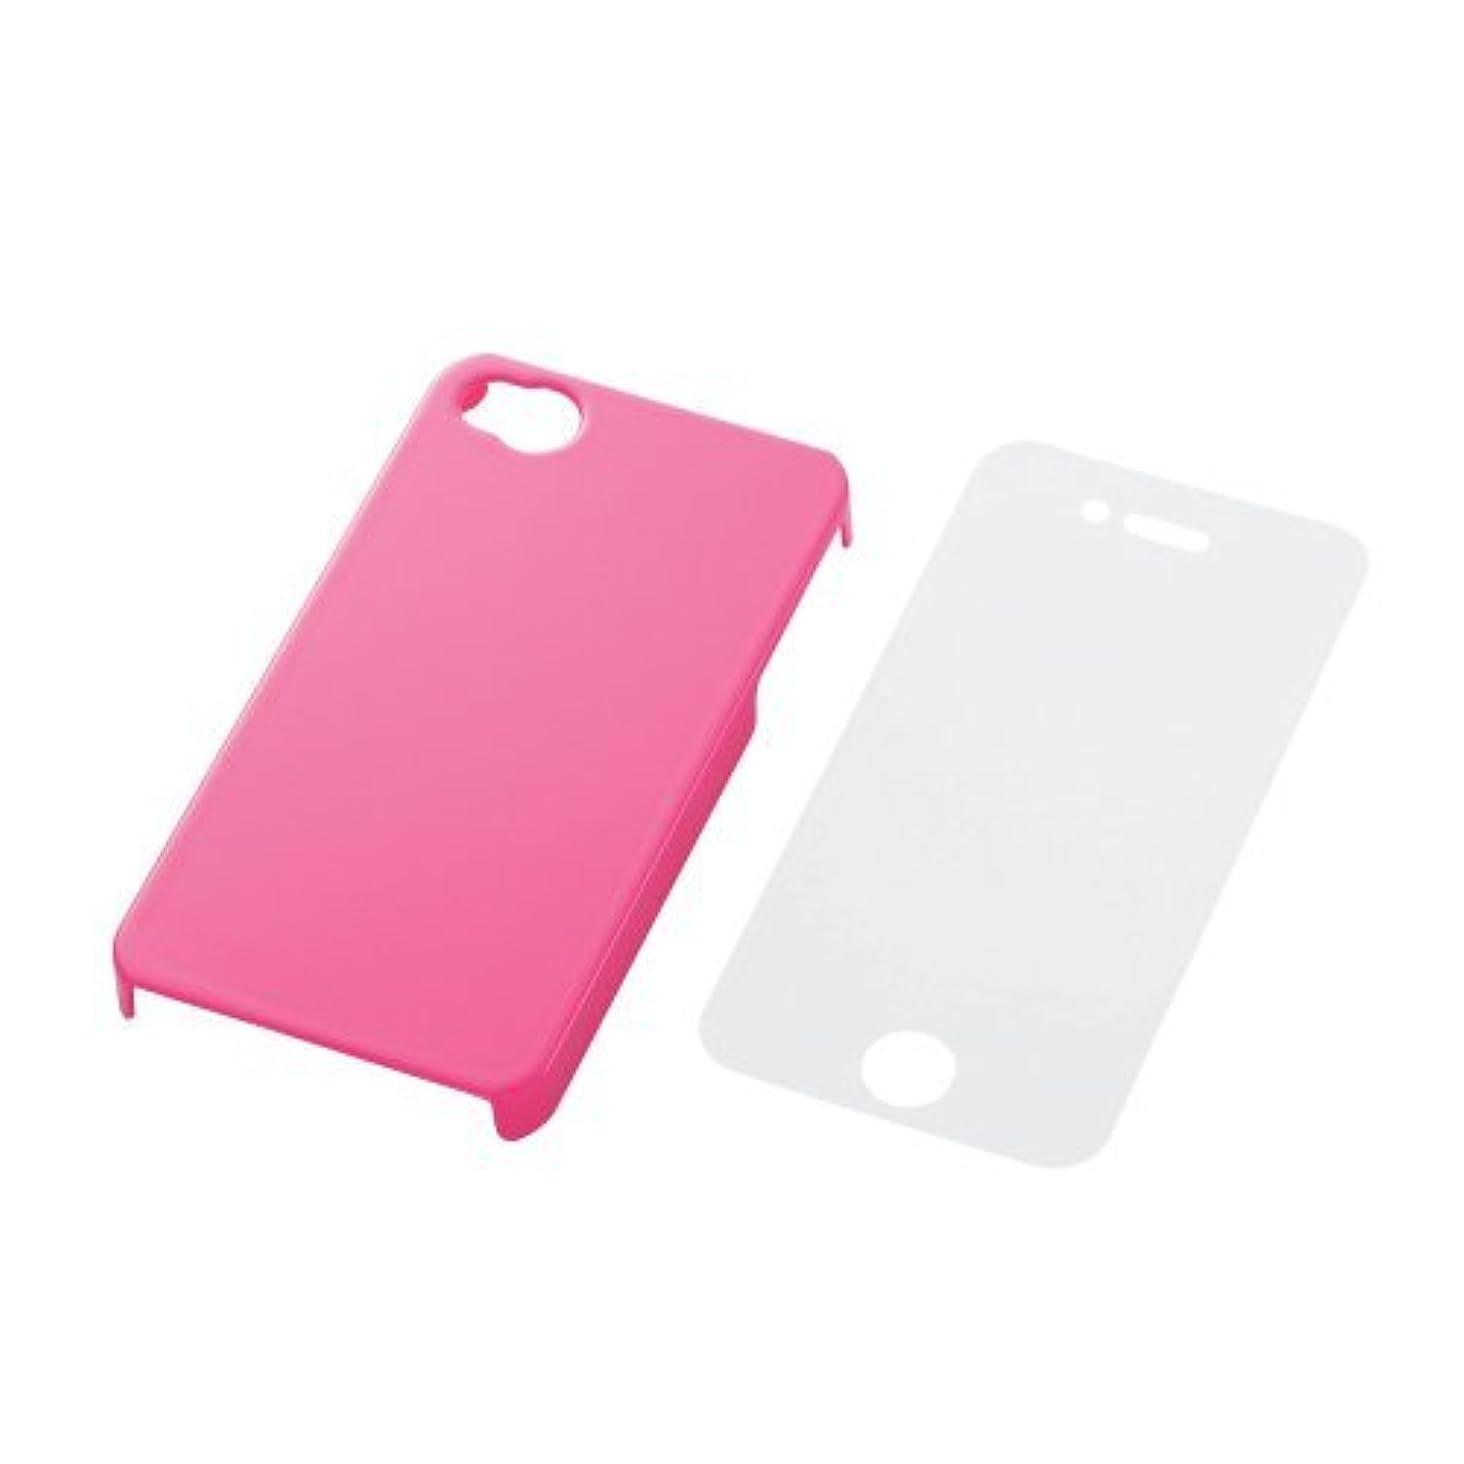 削除する秘密の慰めELECOM iPhone4S 対応 シェルカバー ピンク PS-A11PVPN